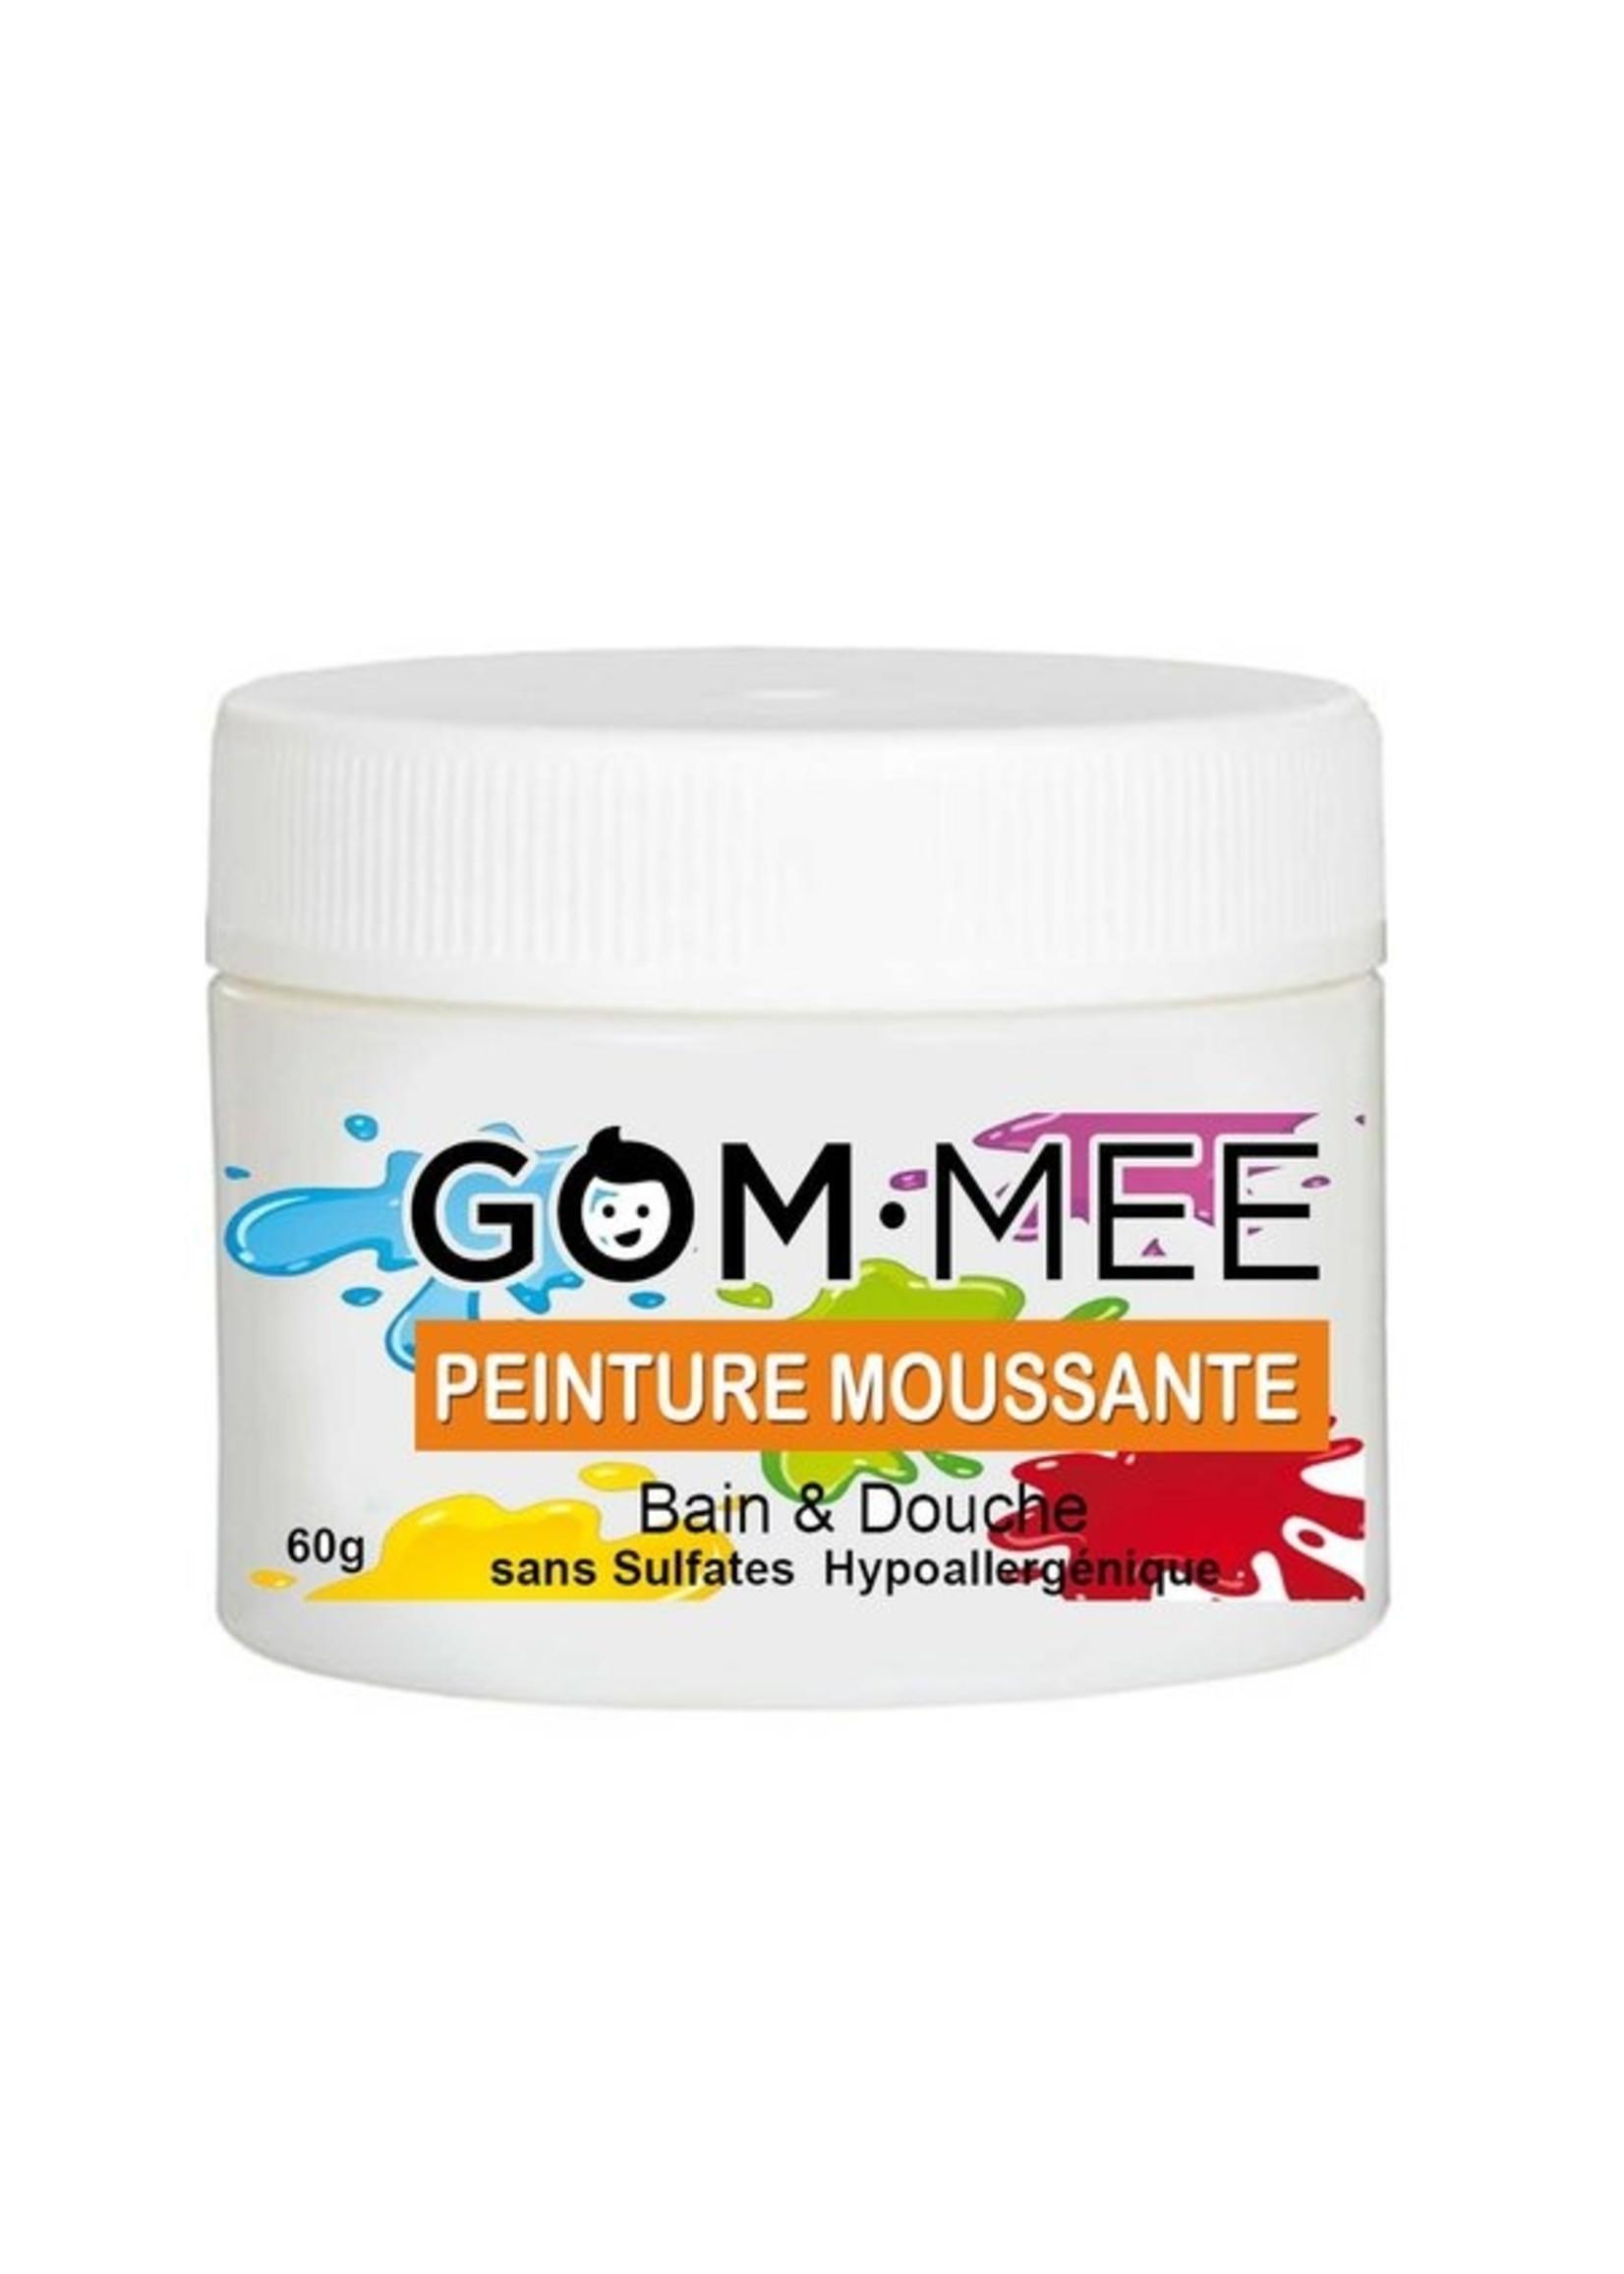 GOM-MEE Peinture moussante Orange